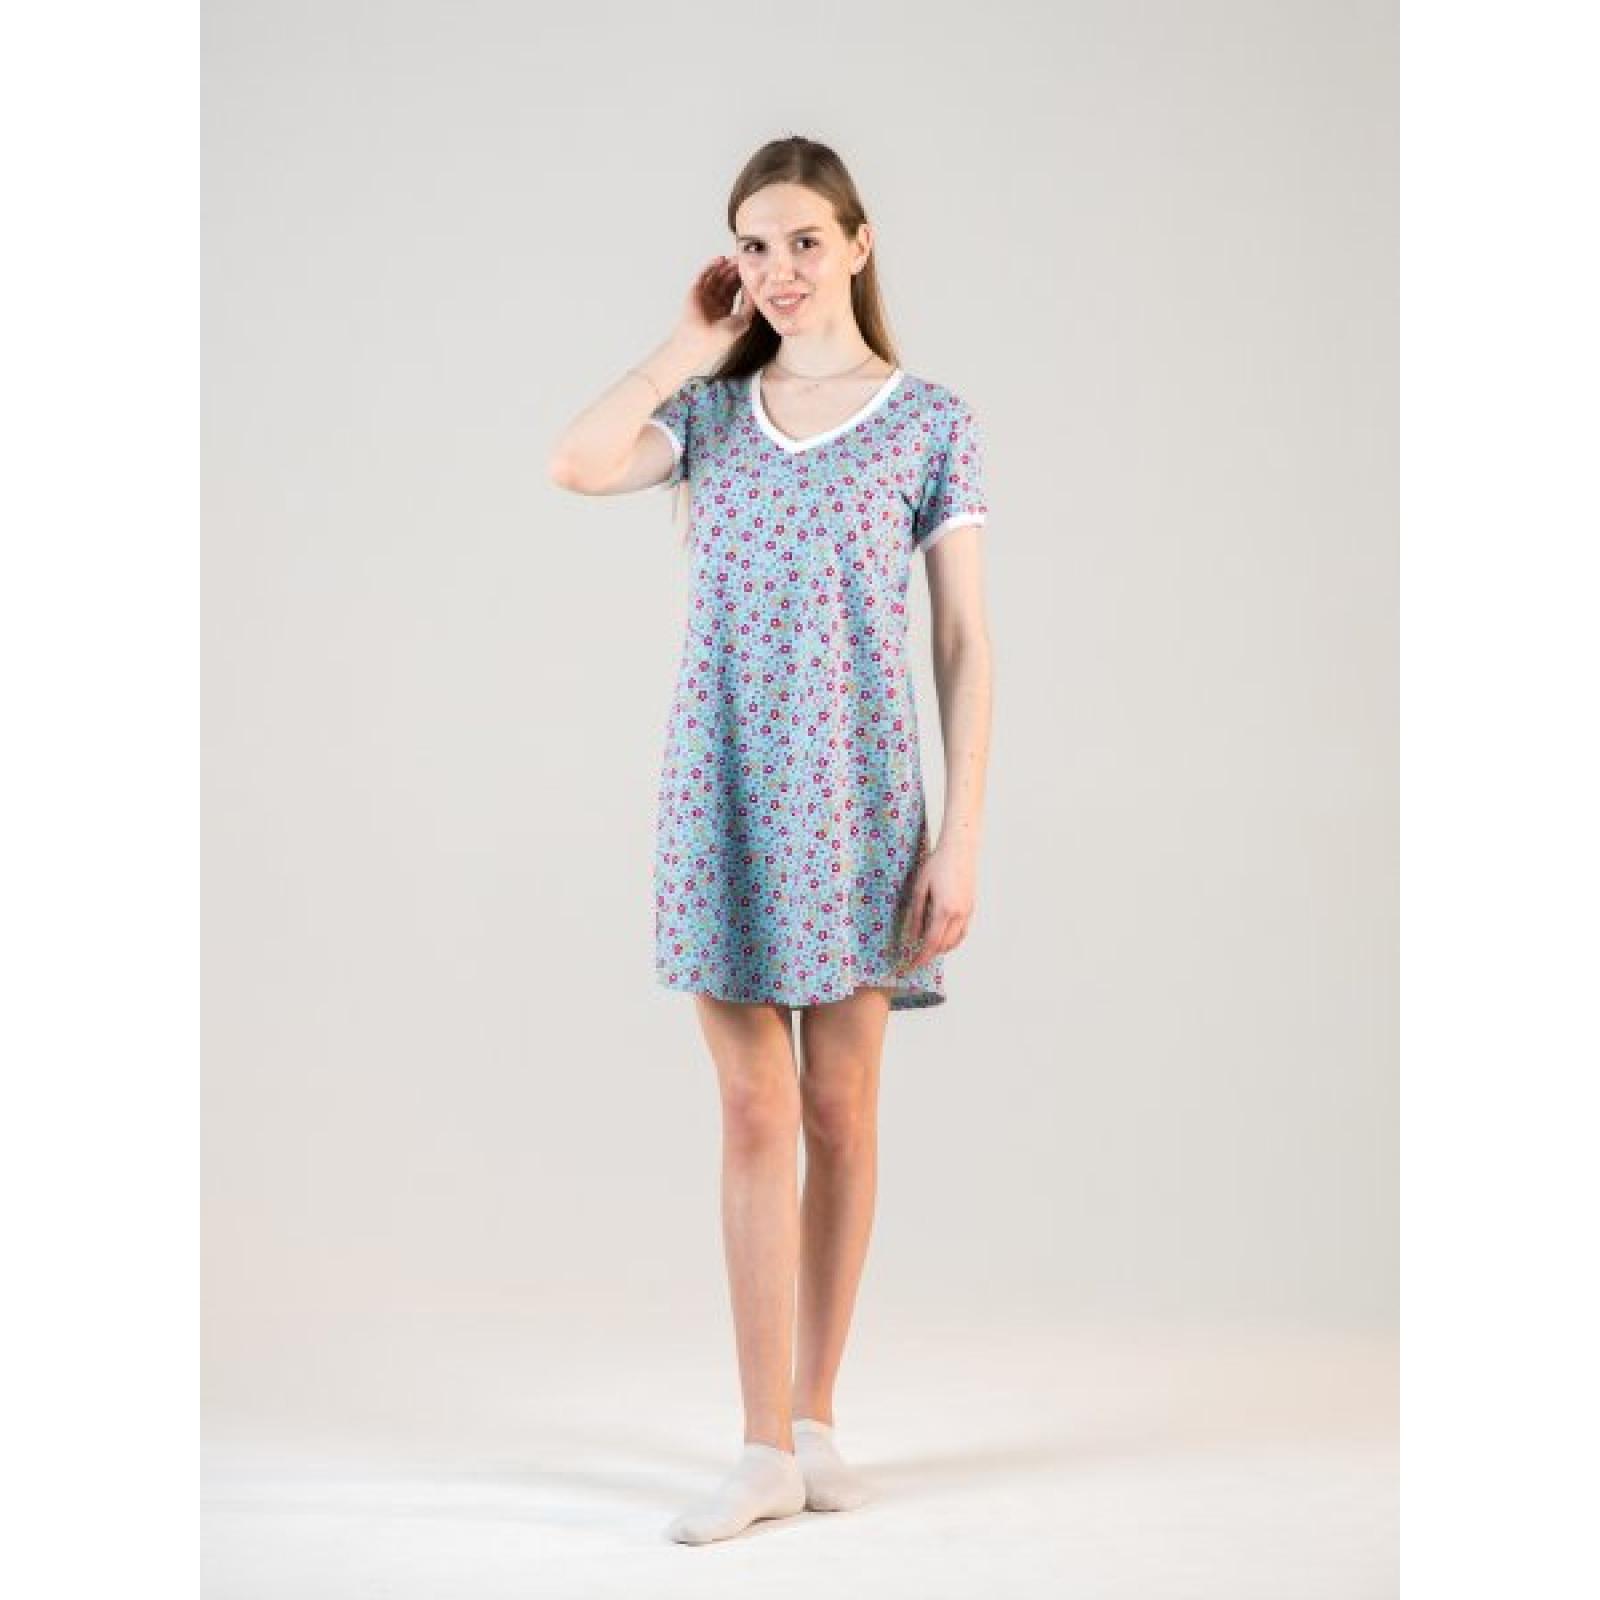 Платье домашнее Голубые цветочки М-0012Г